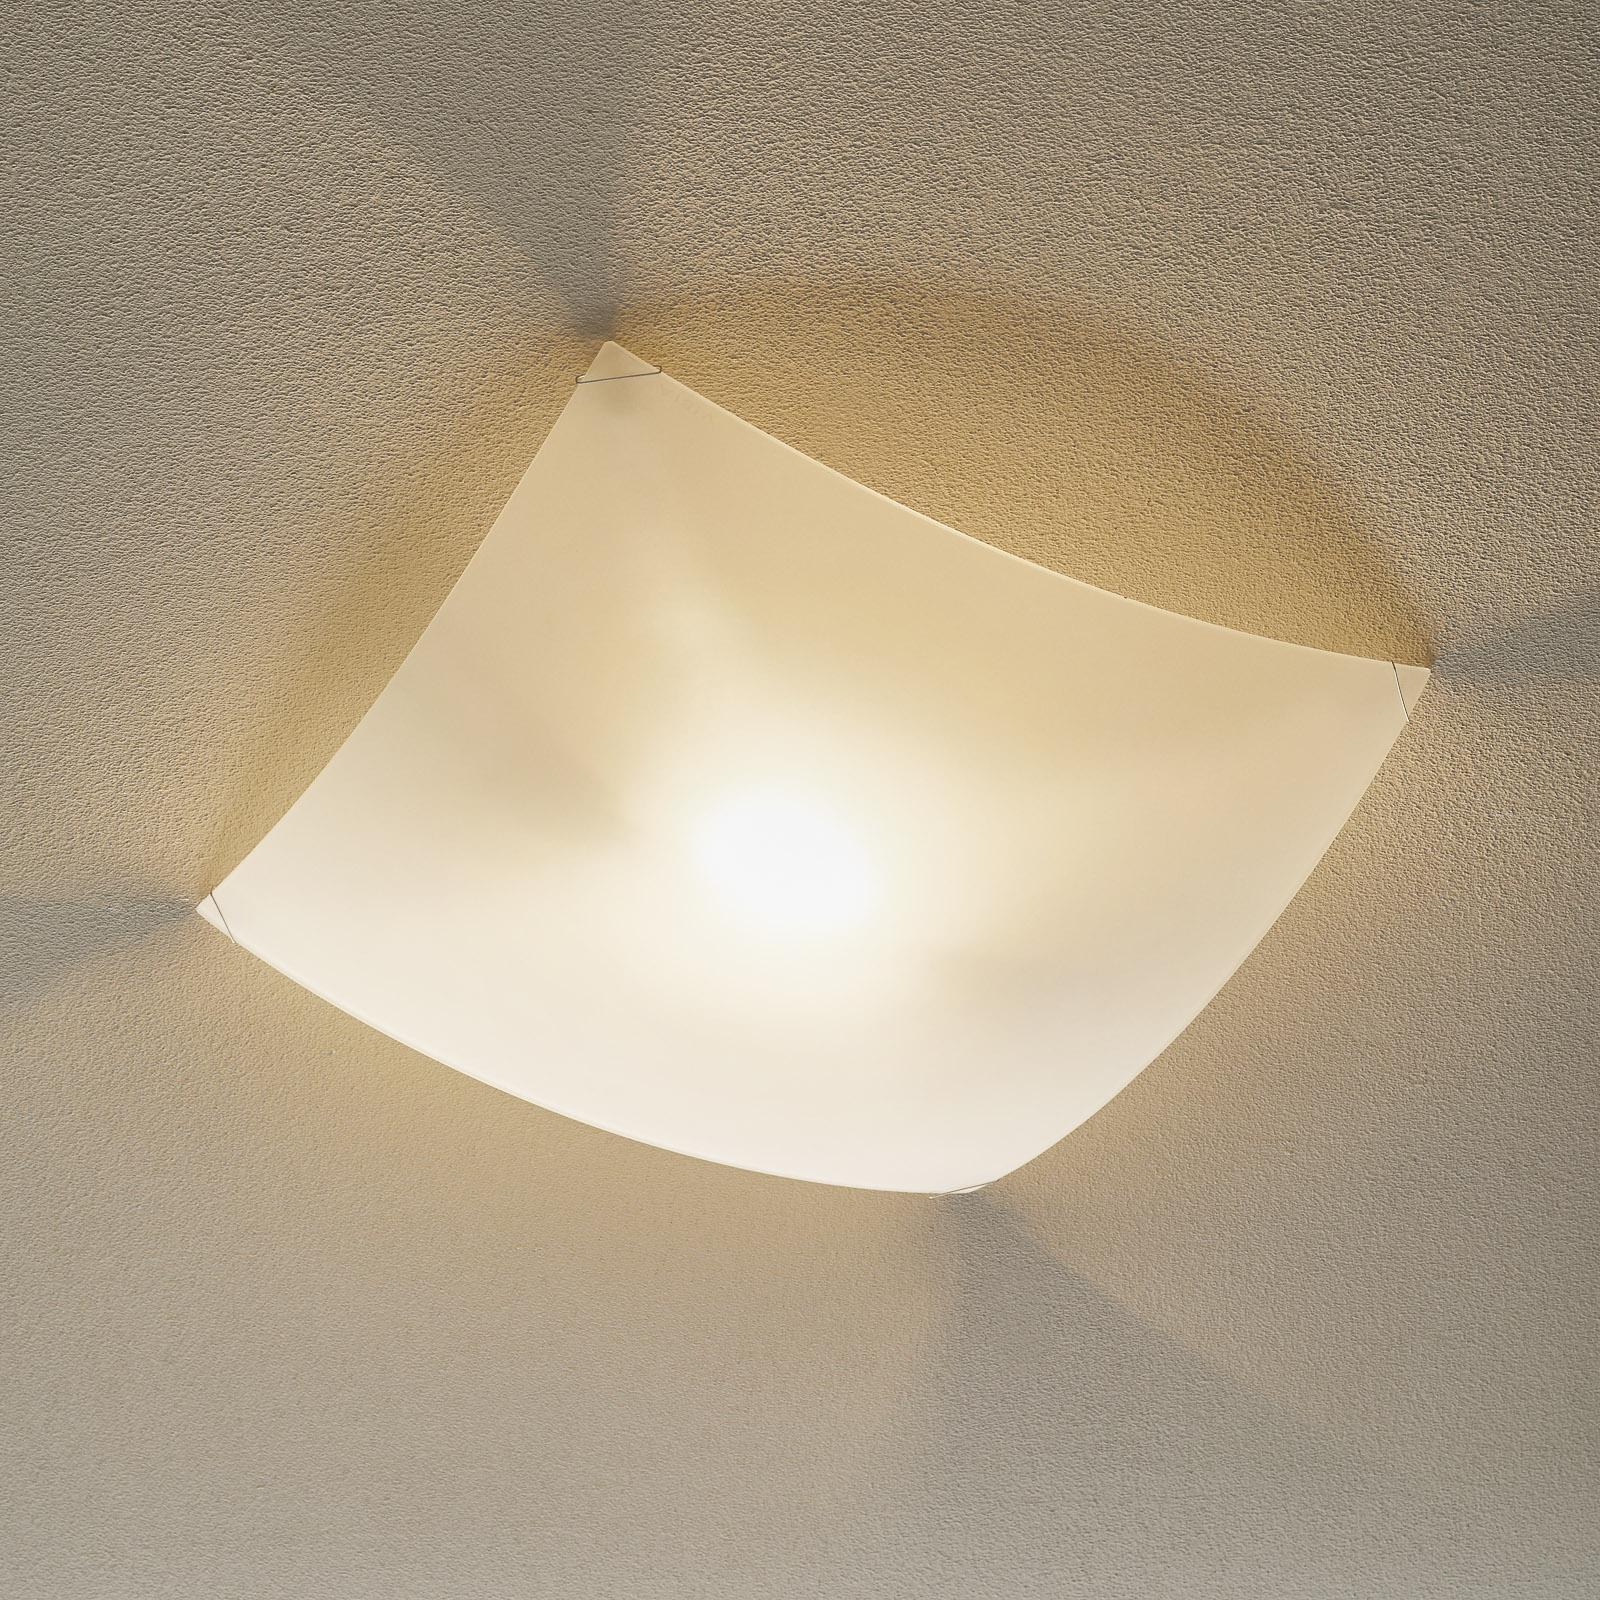 Lampa sufitowa QUADRA ICE, 66 cm